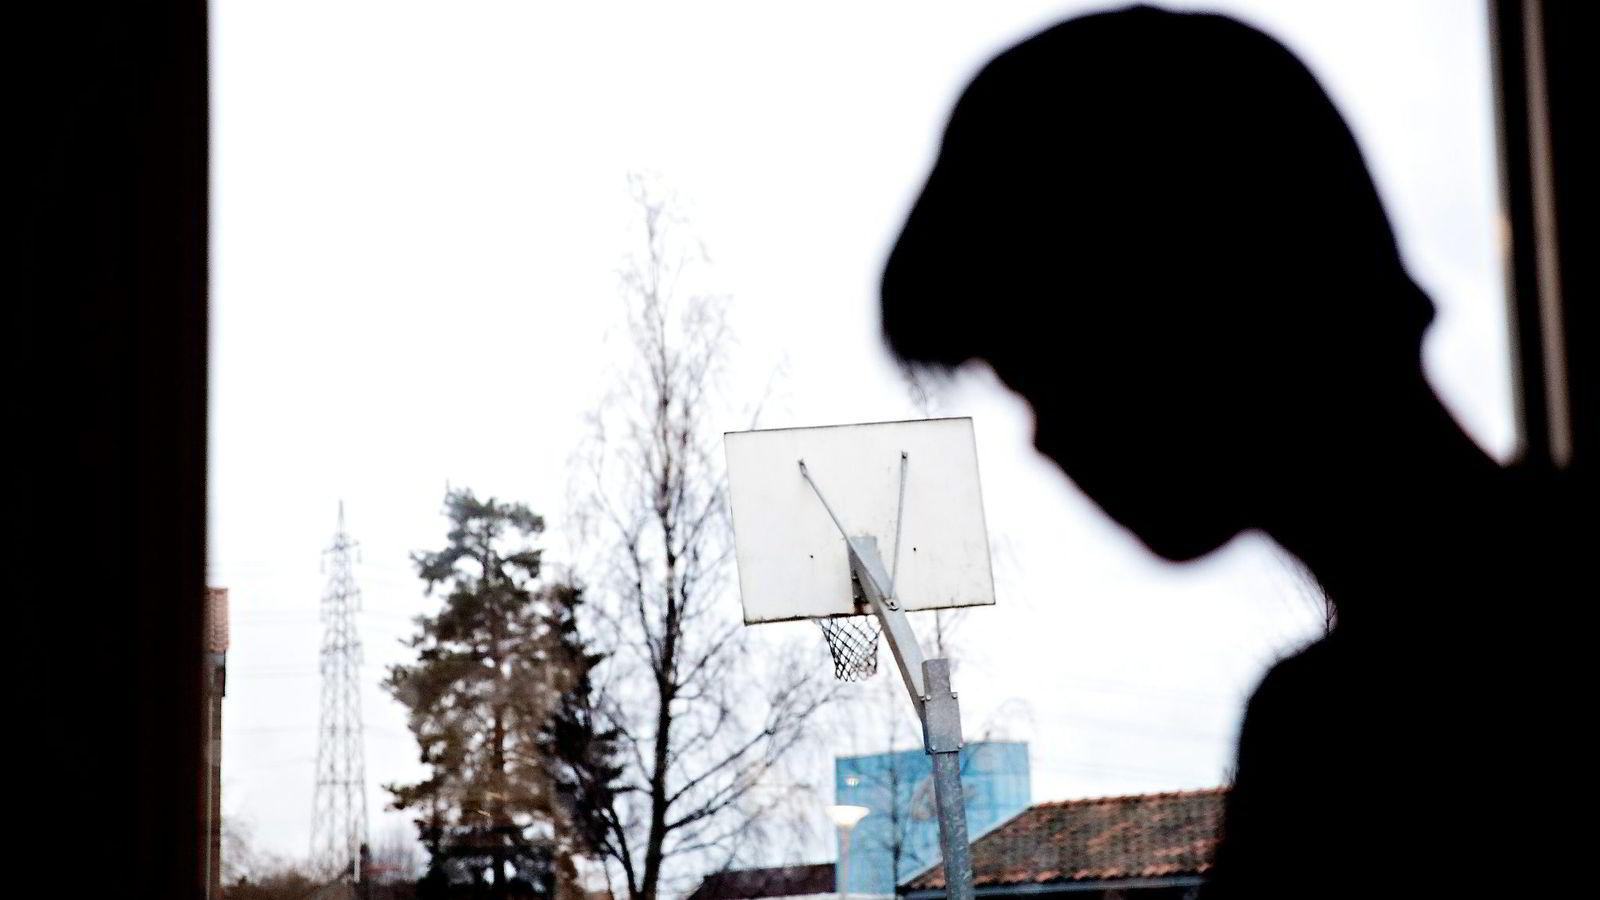 Ungdom i Oslo er blitt mer lovlydige enn før. Illustrasjonsfoto: Aleksander Nordahl